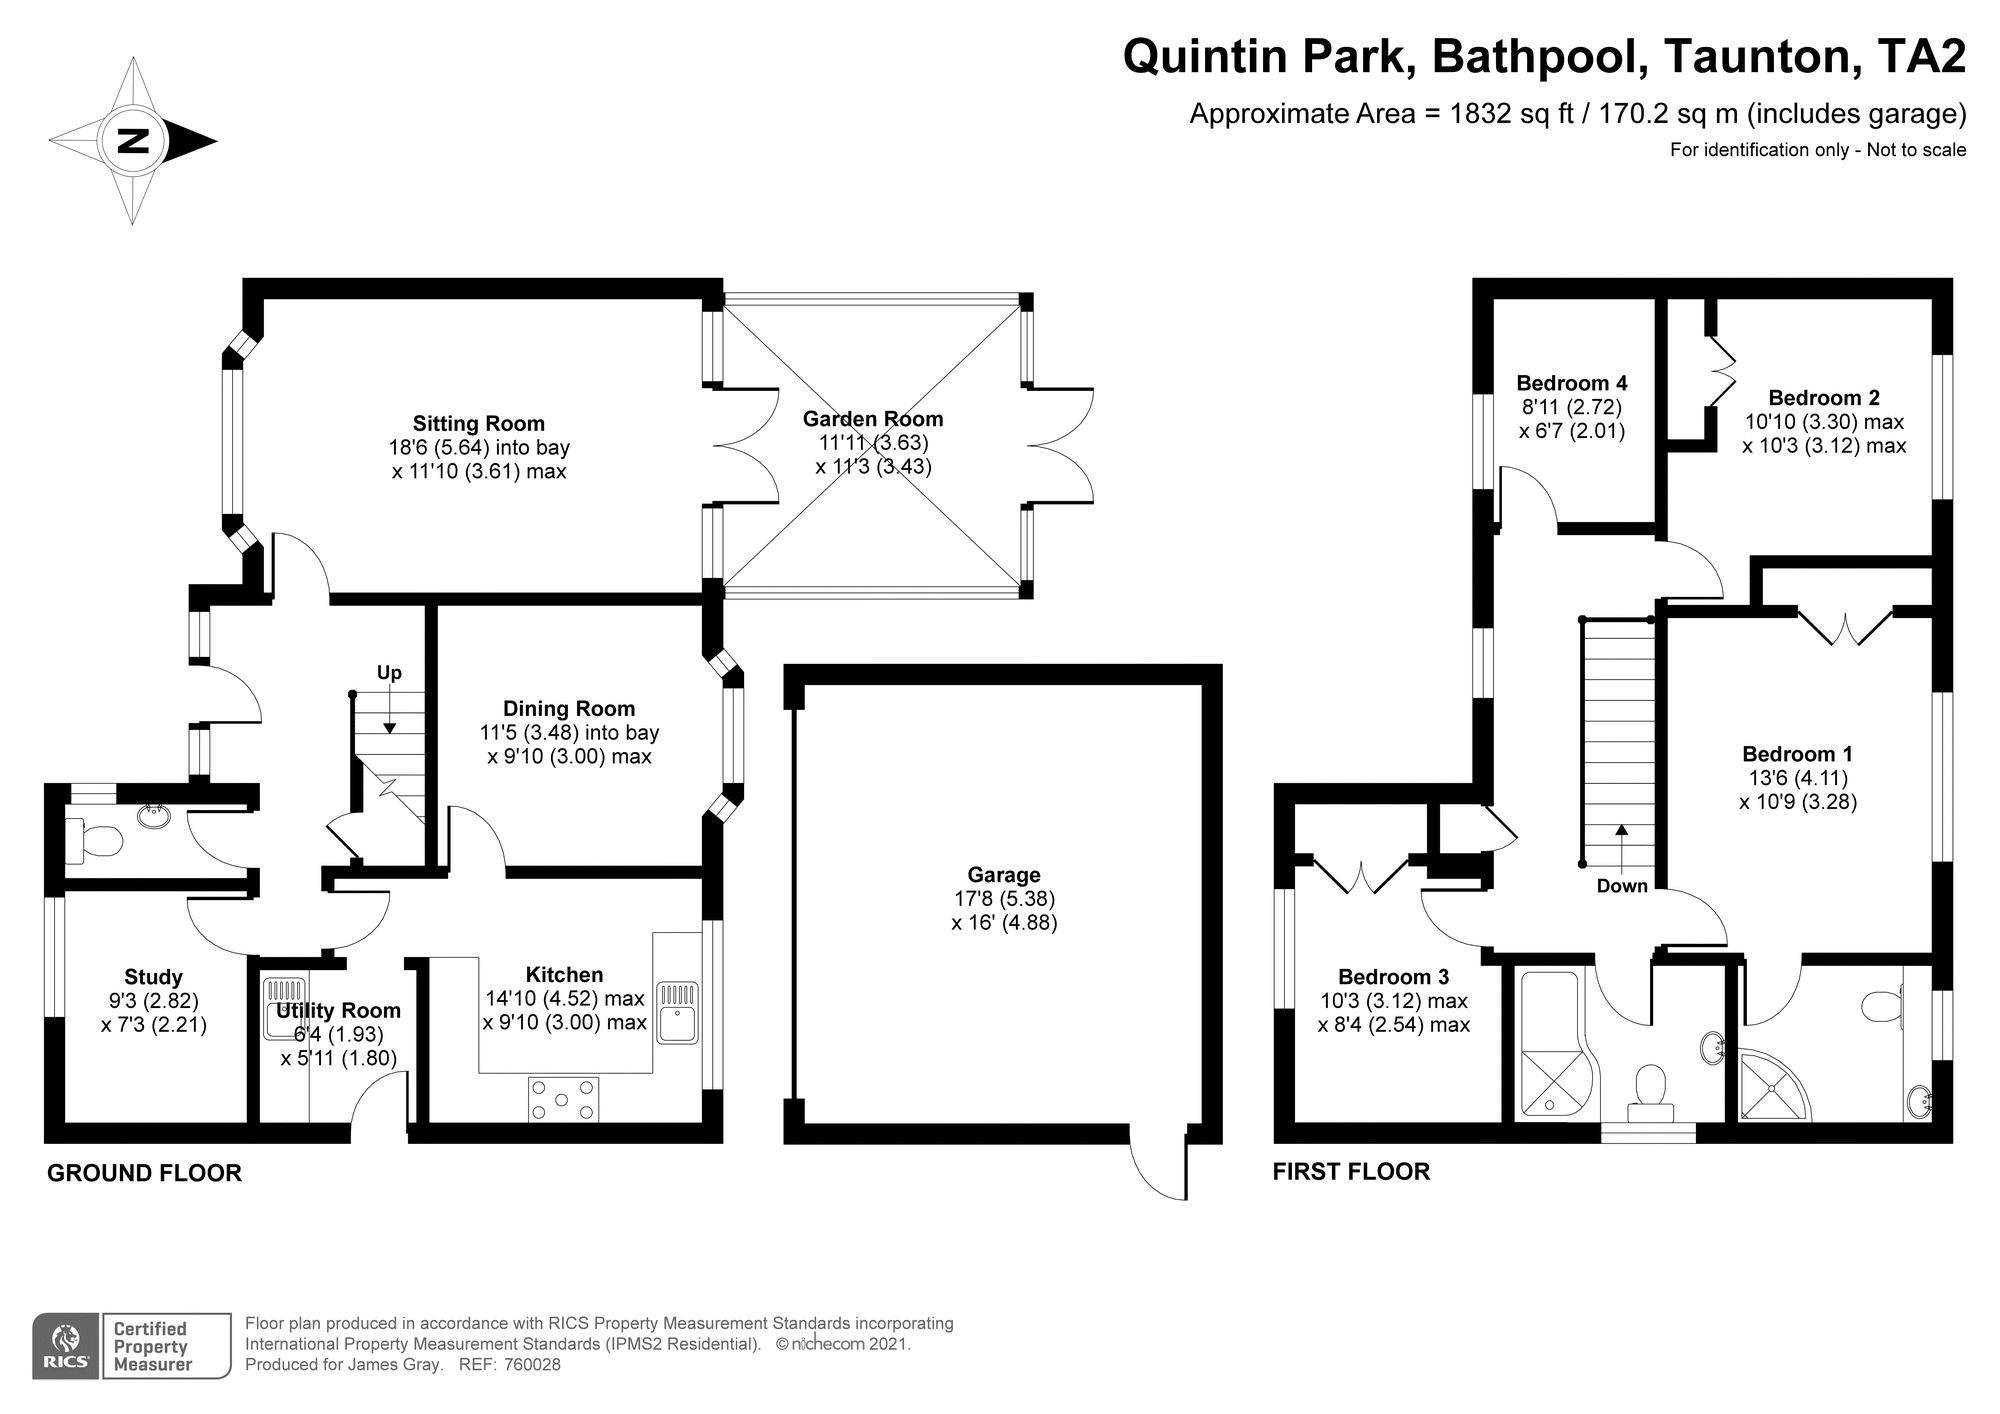 St. Quintin Park Bathpool